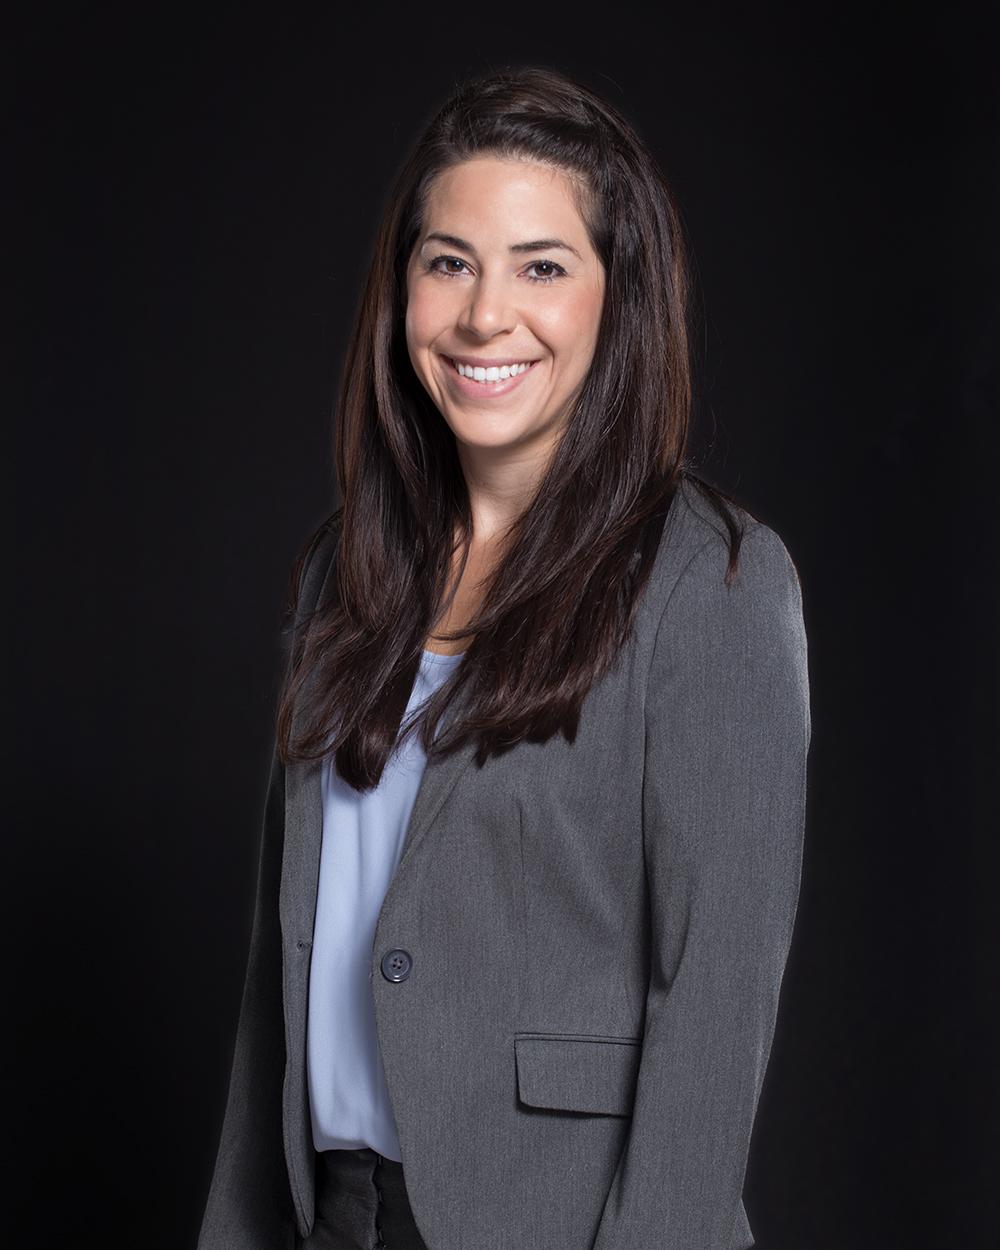 Brittany Rausch